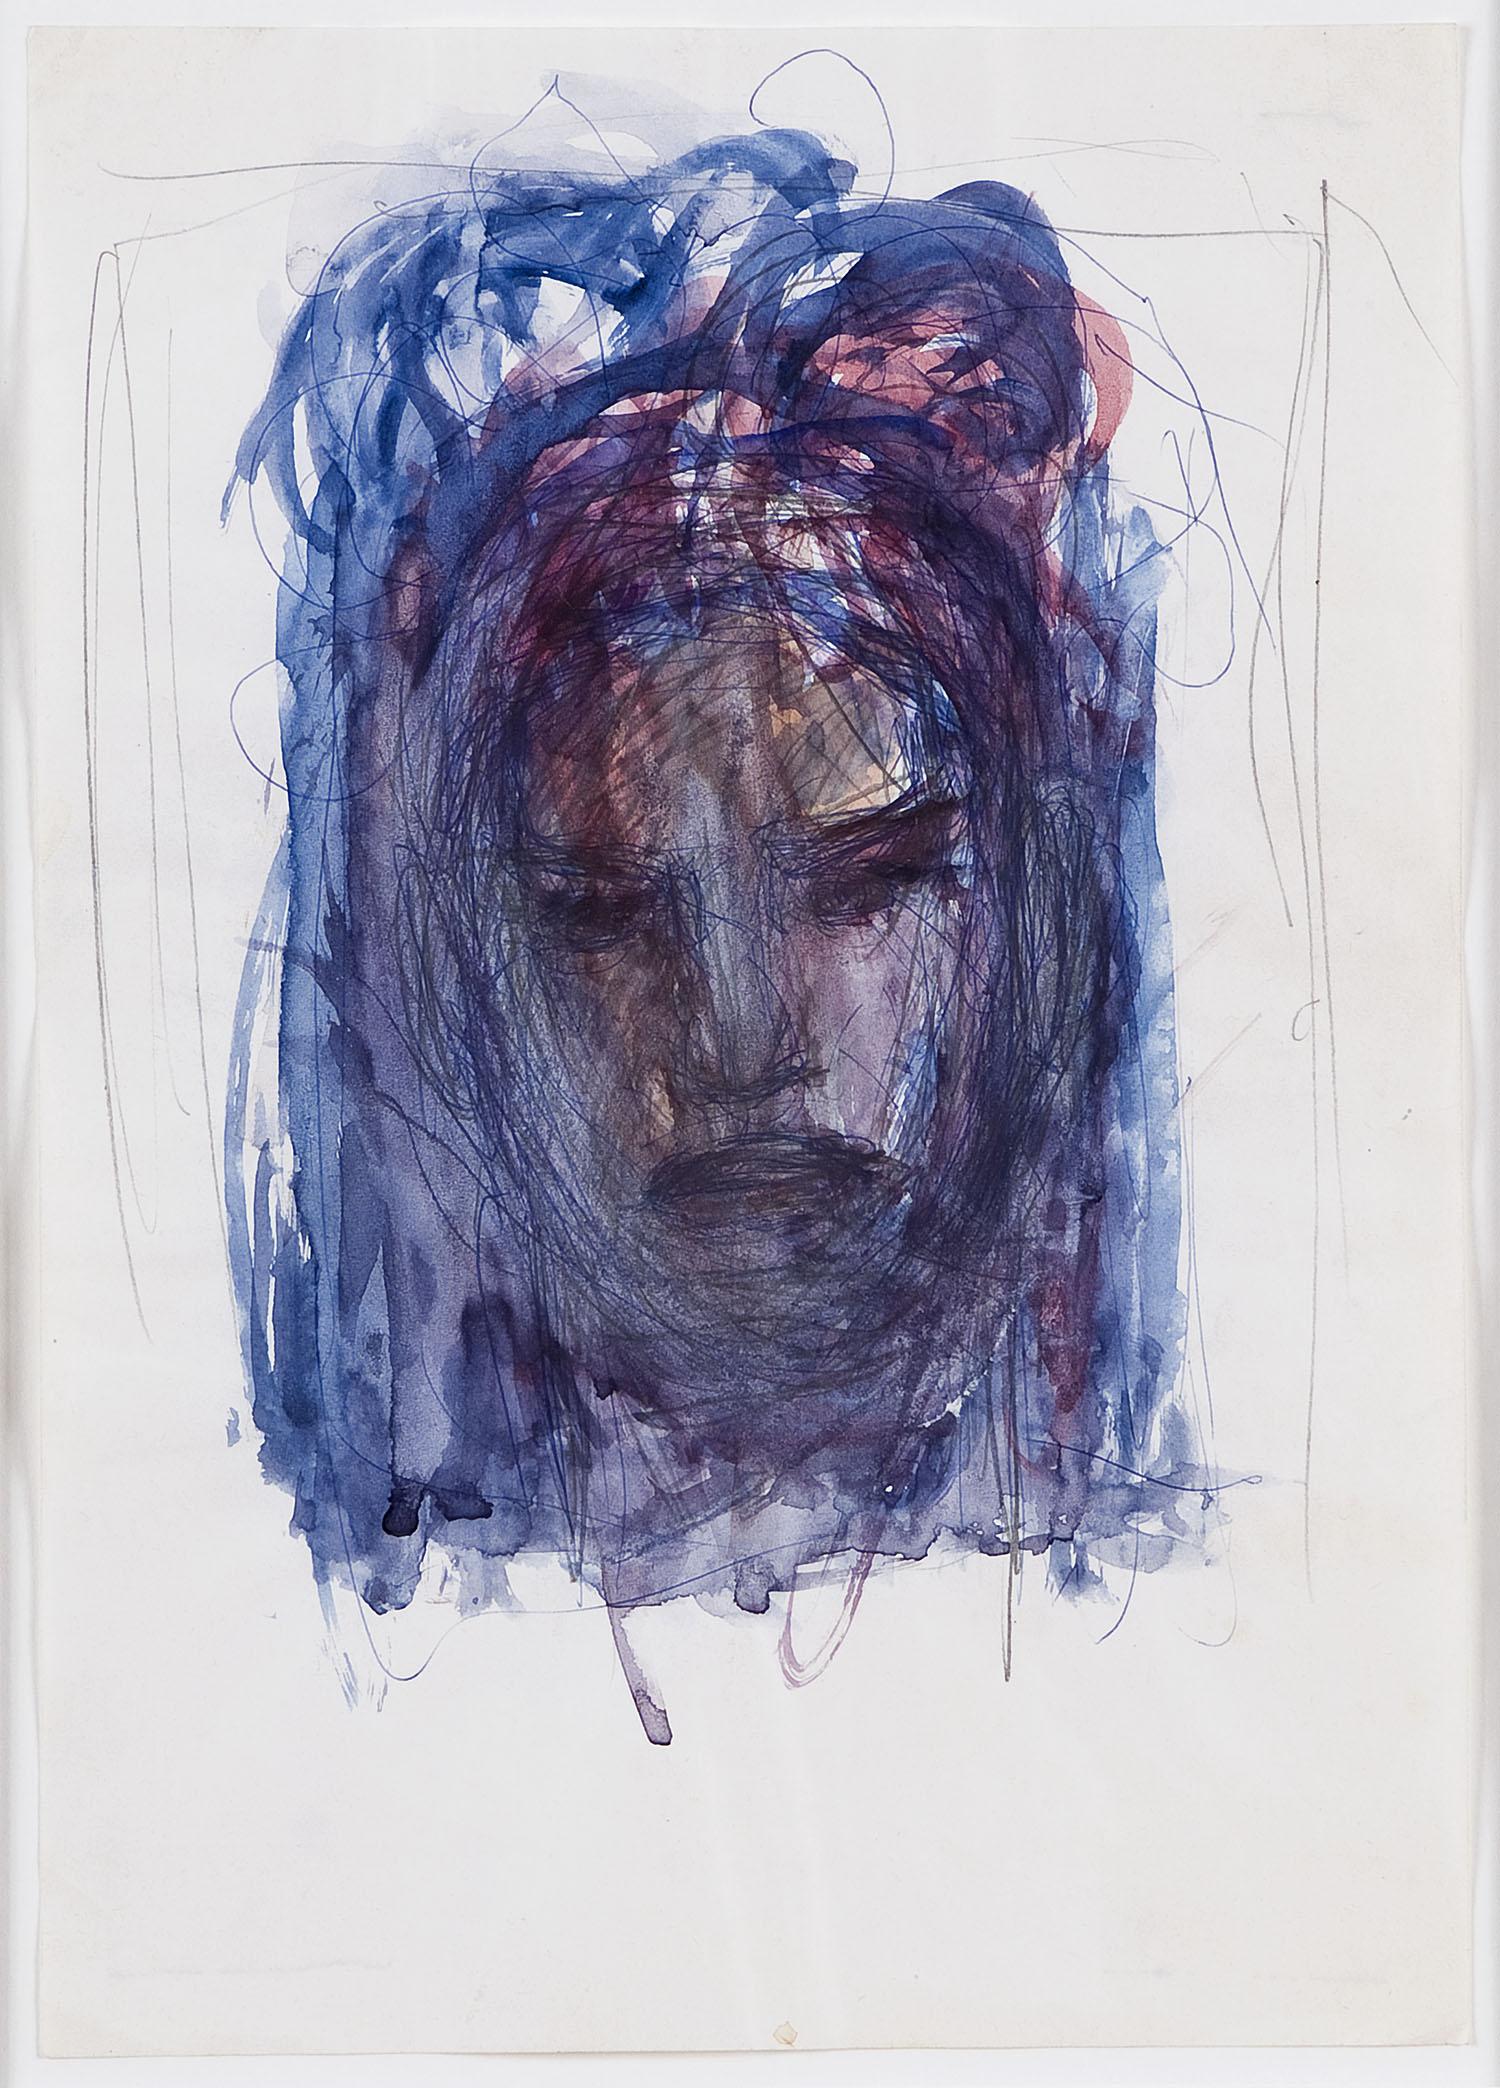 o.T. (Frauenkopf) | n.d. | Bleistift, Kugelschreiber und Wasserfarbe auf Papier | 29,5 x 20,5 cm